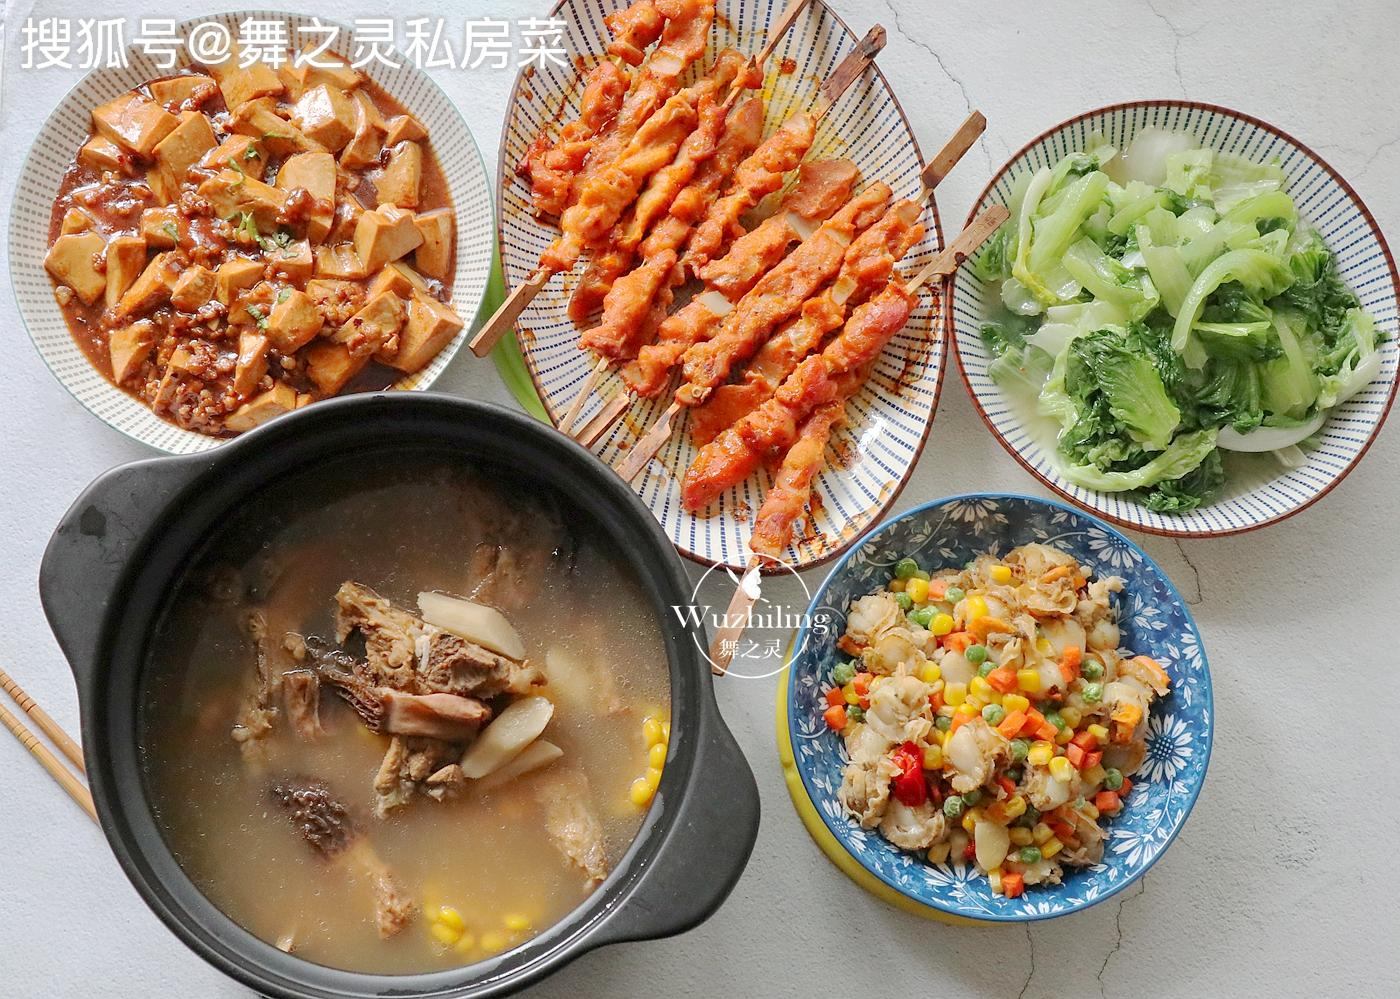 晒晒娘家的菜,4菜1汤招待我和老公,好吃又温暖